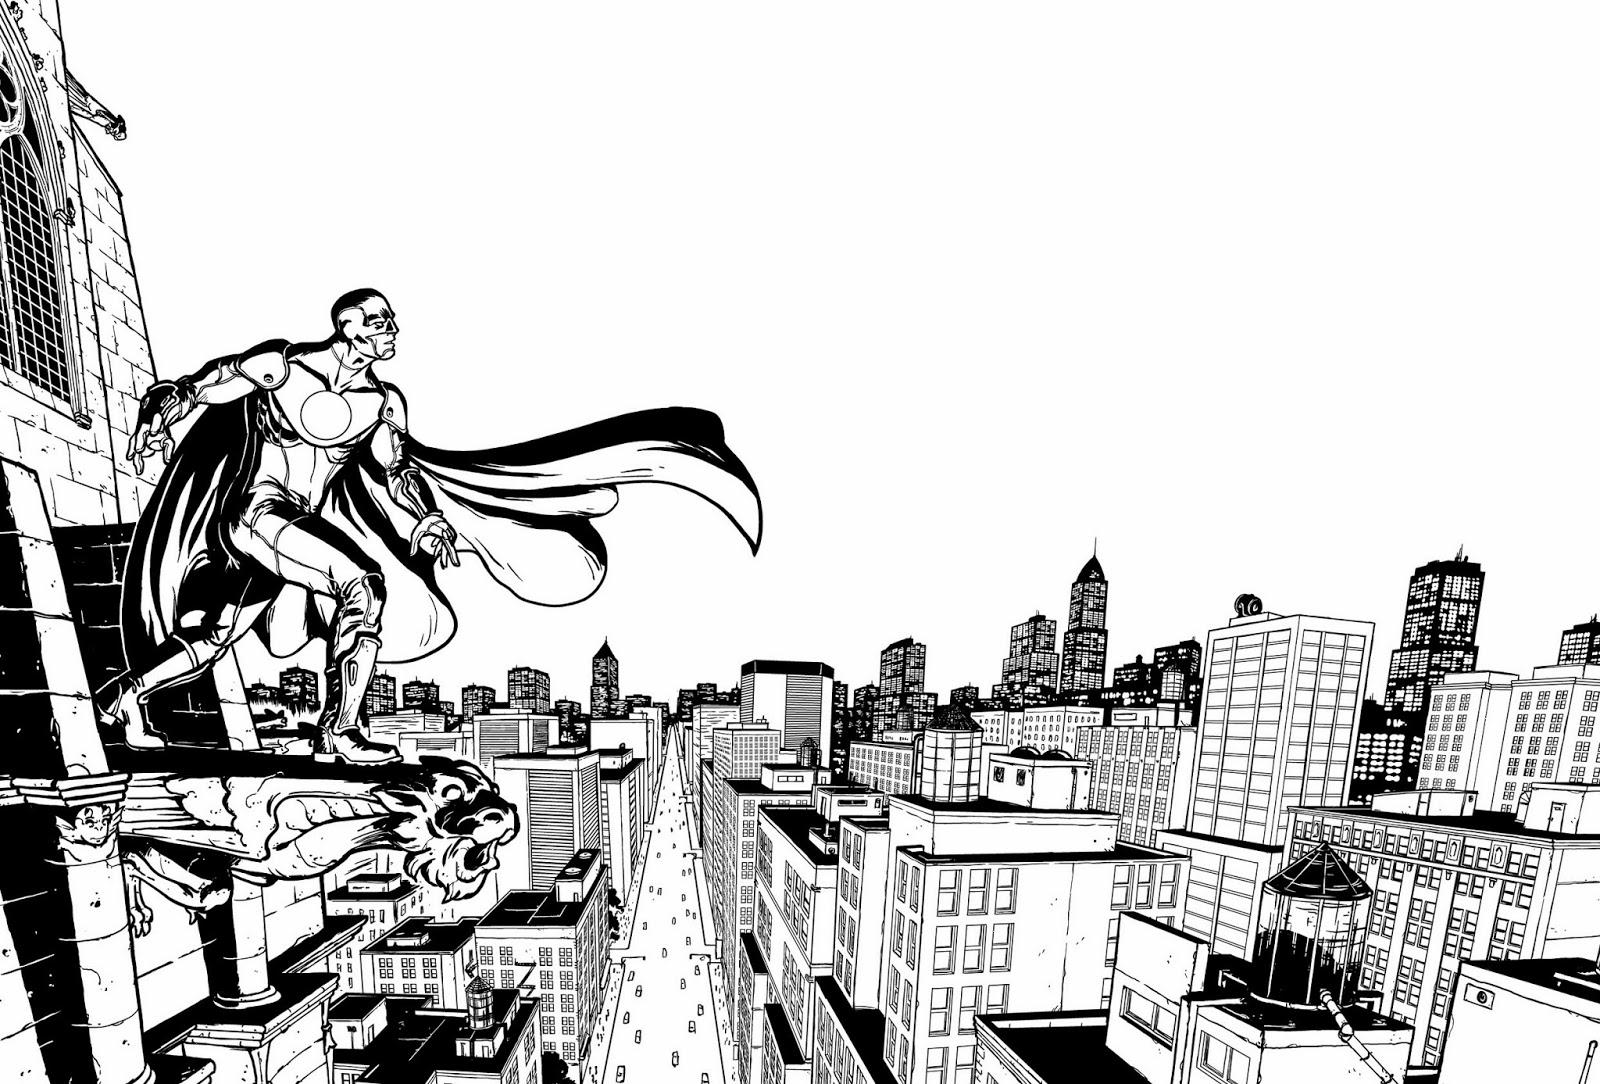 Ullcer Dessinateur Bd Illustrateur Super Heros Du Hasard